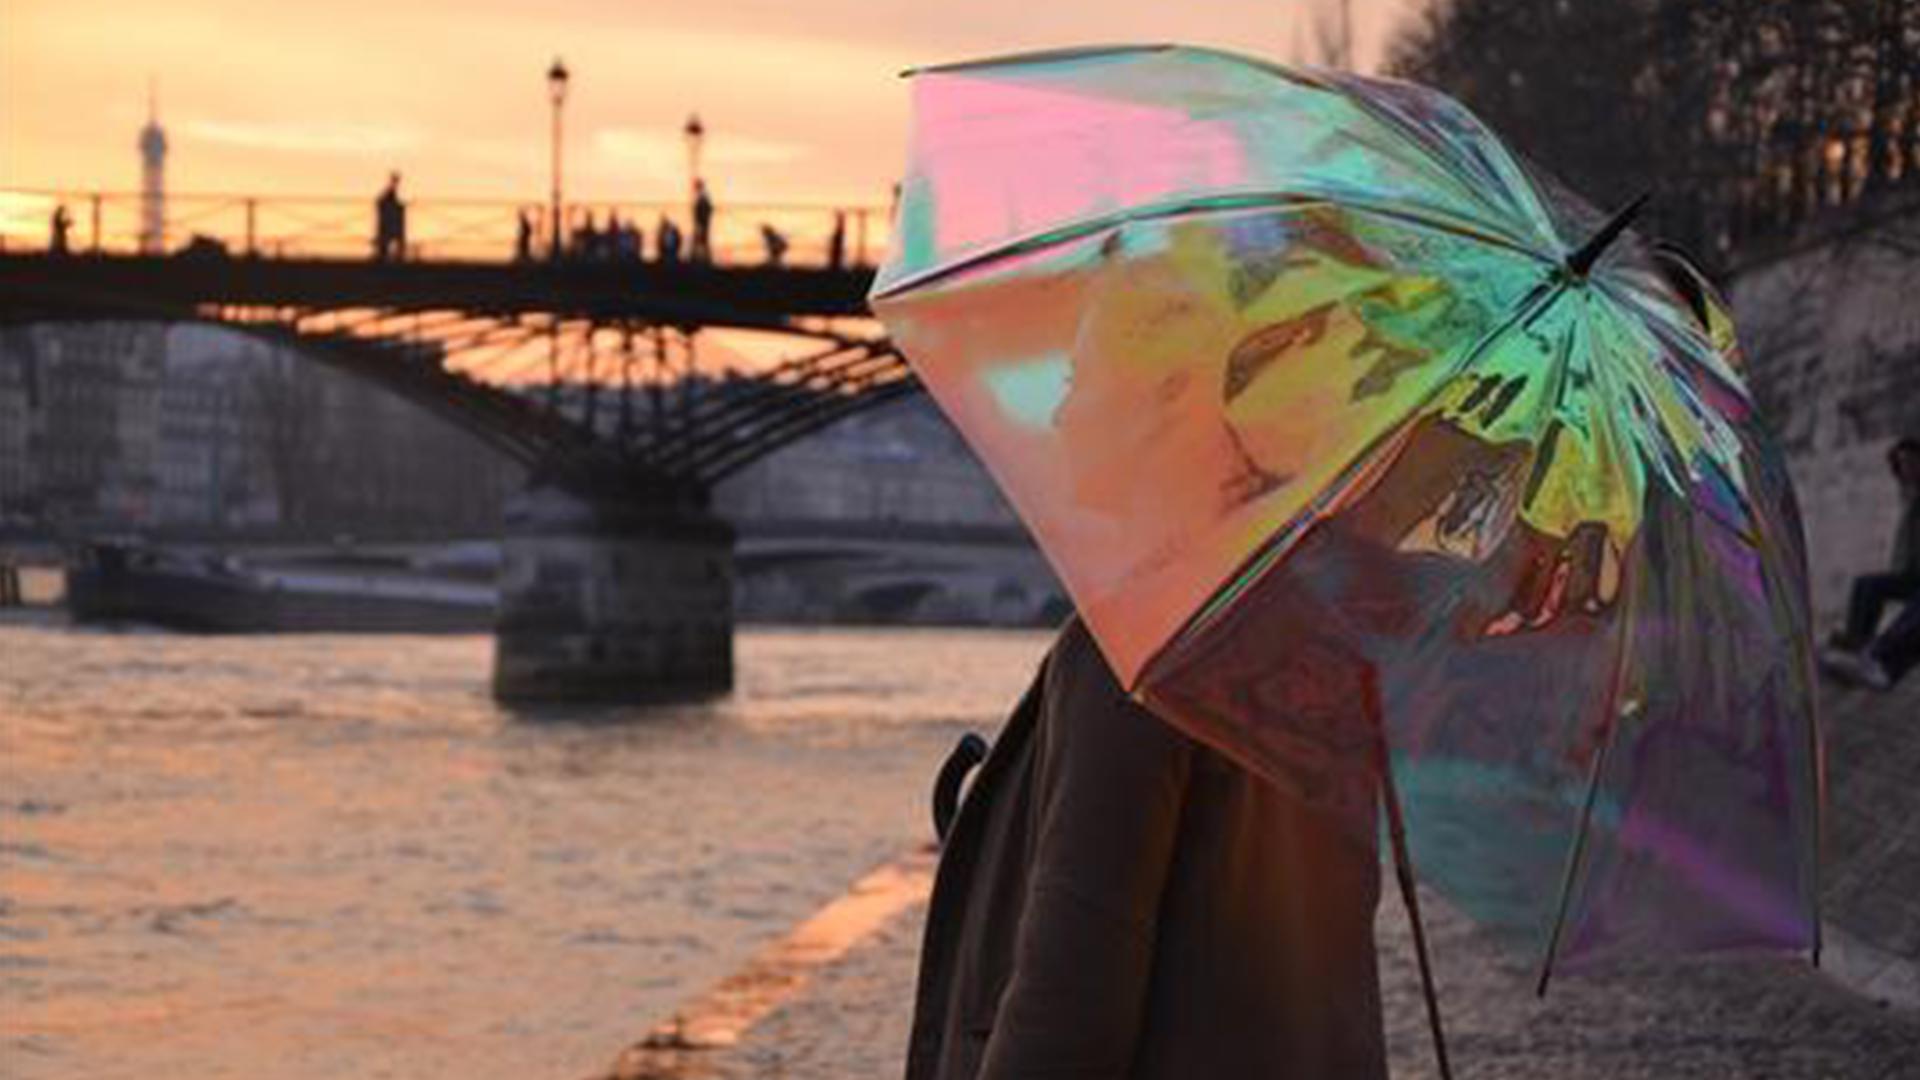 【智能界大百科】高颜值又实用:可预测天气的Oombrella智能雨伞